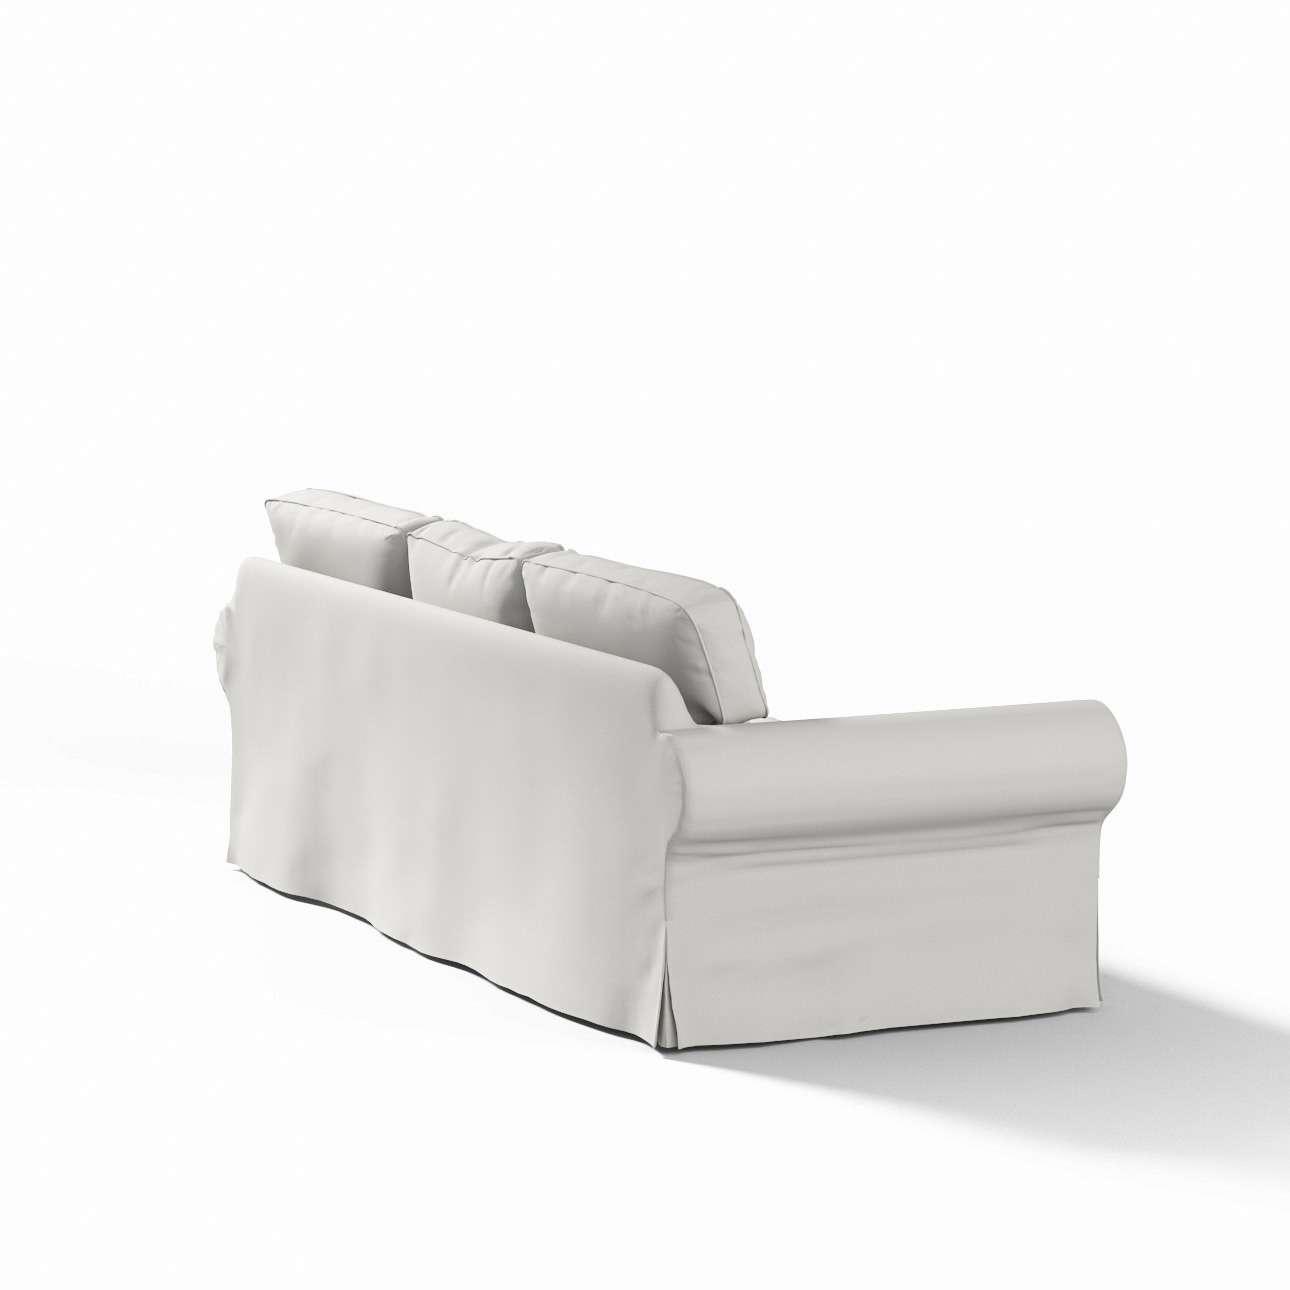 Ektorp 3-Sitzer Sofabezug nicht ausklappbar Sofabezug für  Ektorp 3-Sitzer nicht ausklappbar von der Kollektion Etna, Stoff: 705-90